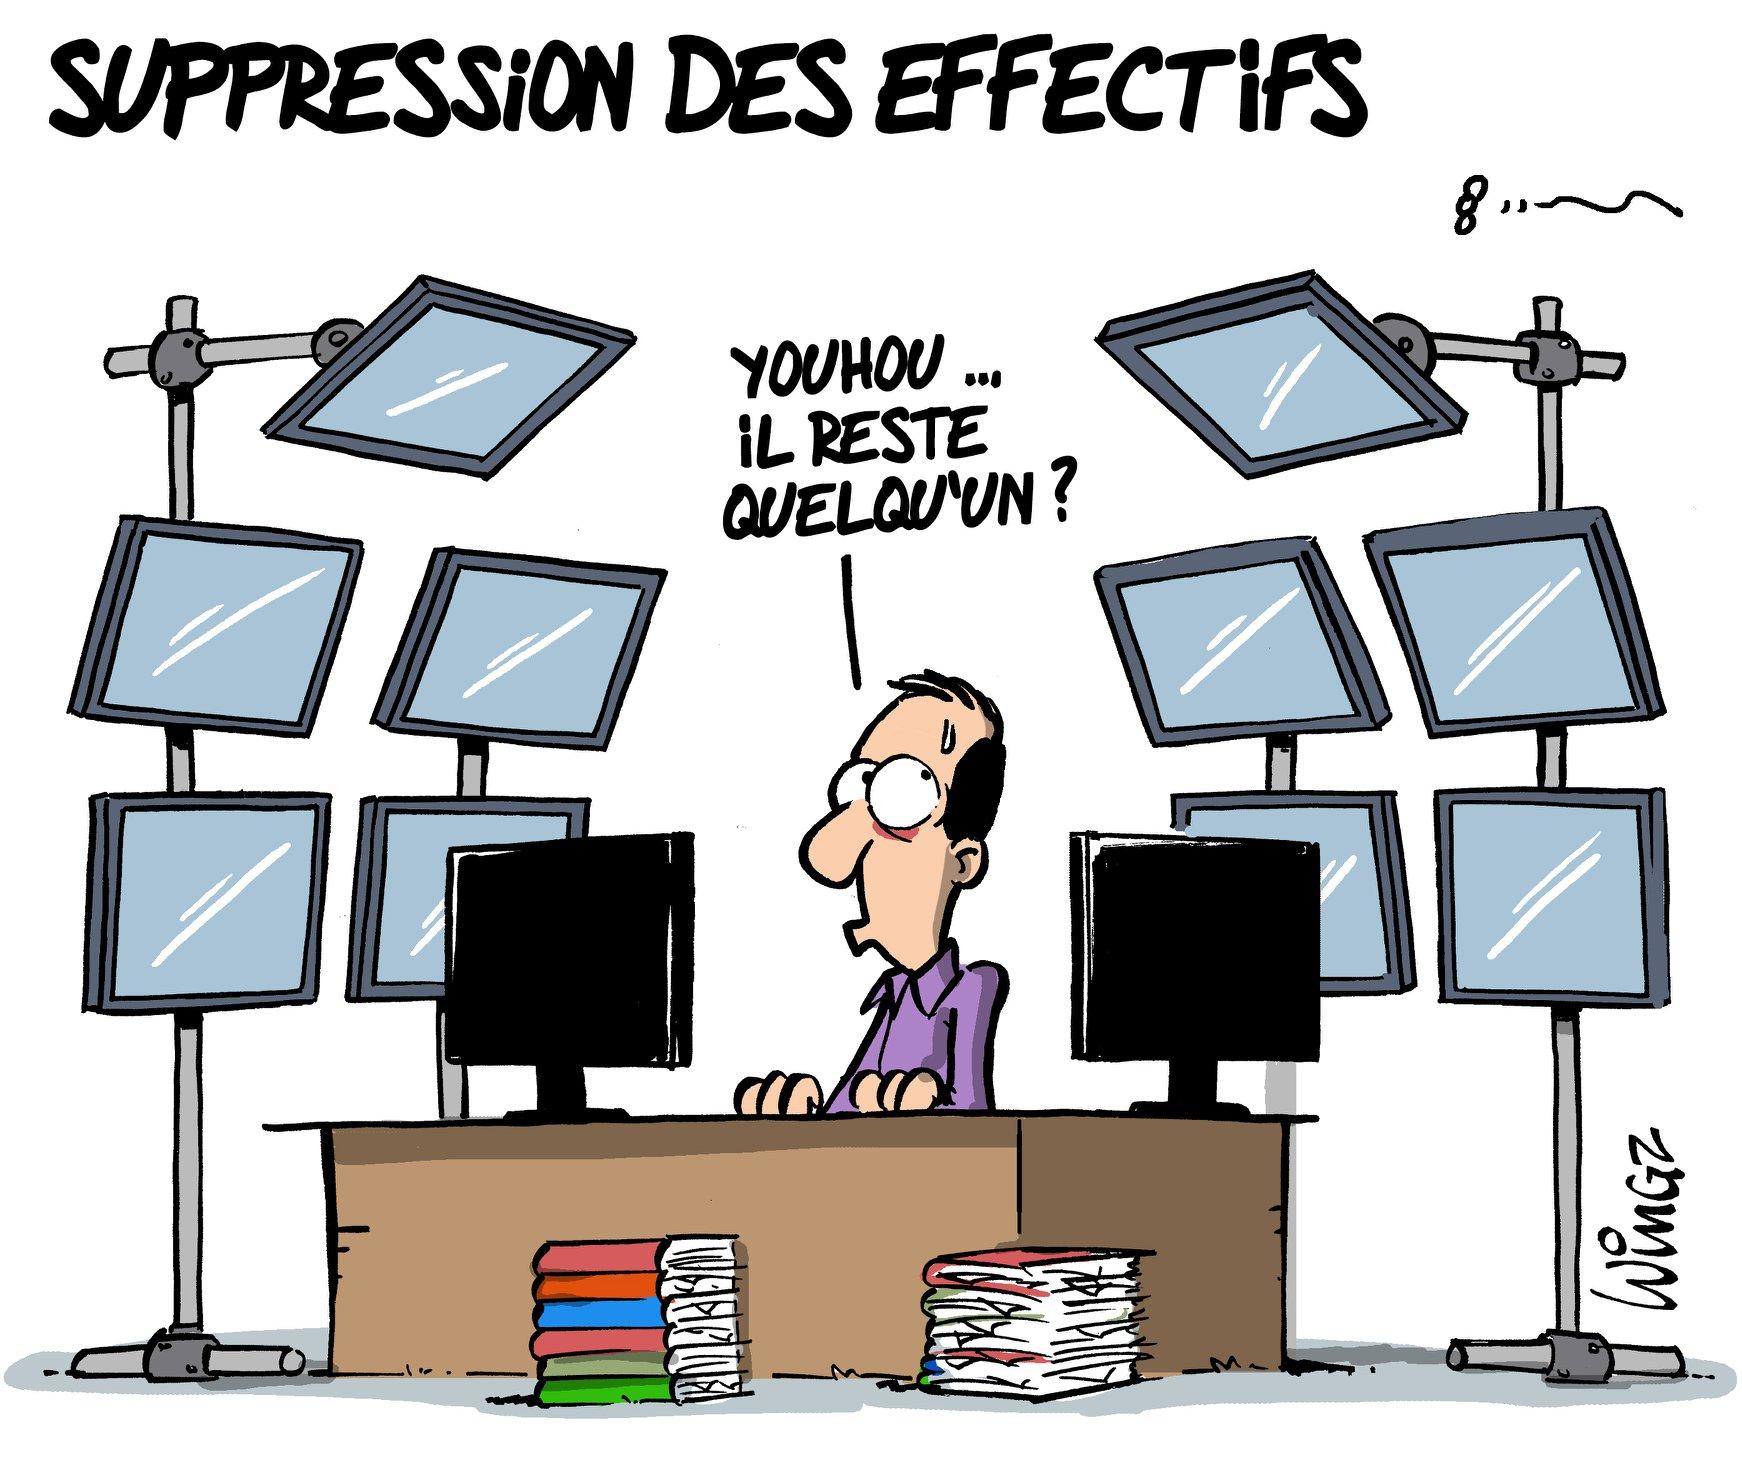 SUPPRESSION DE POSTES